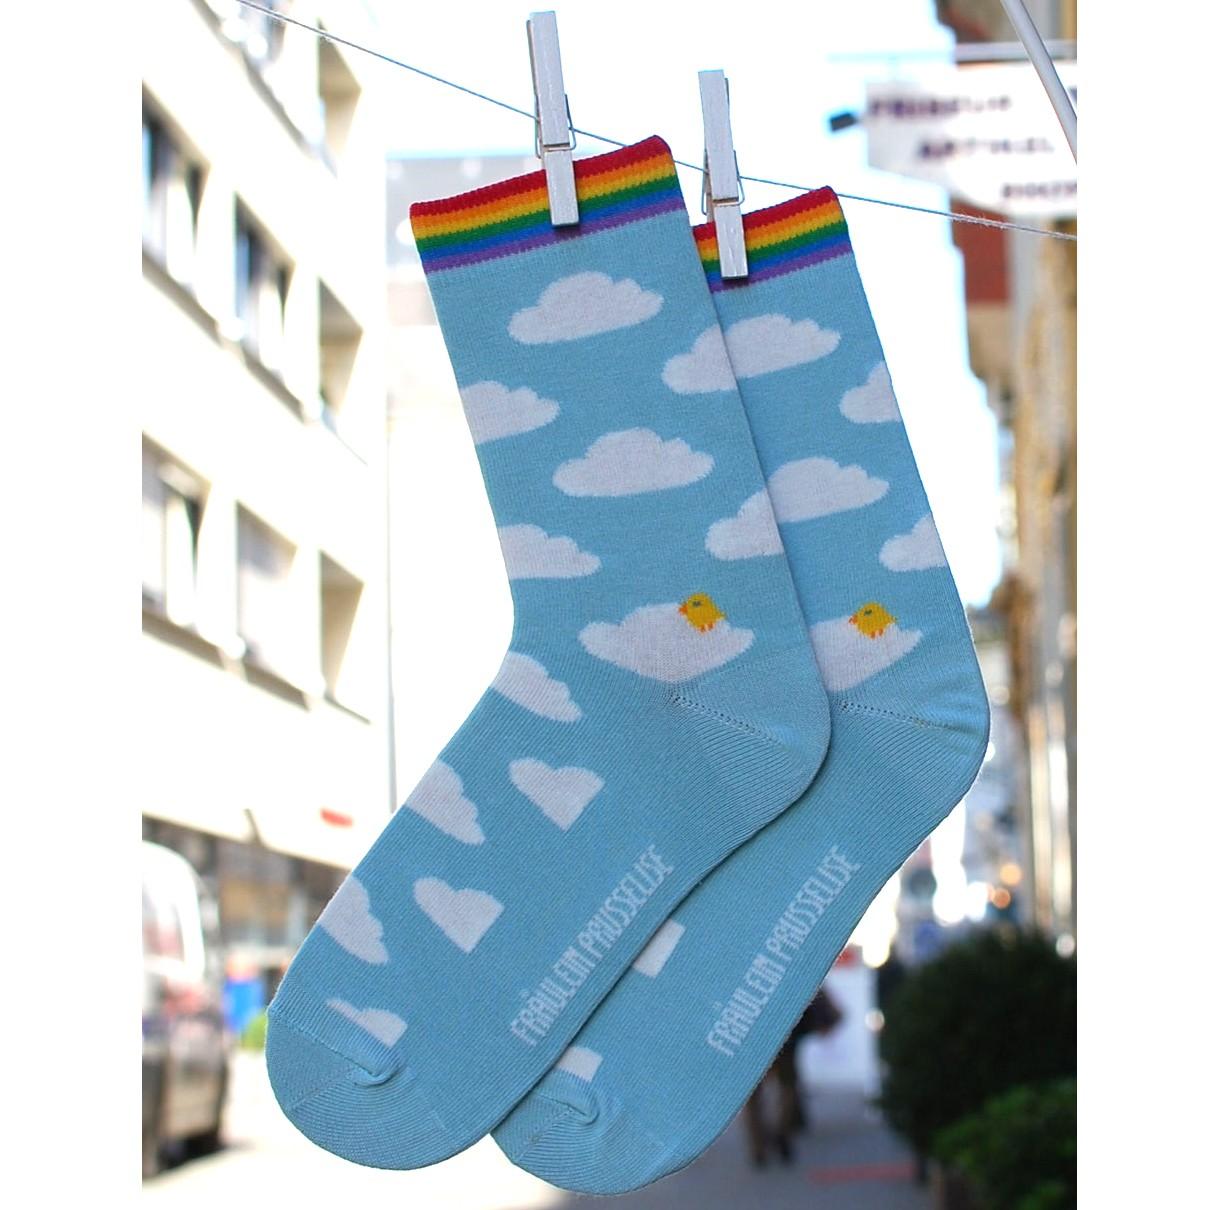 Tant Sofia-Regnbåge sockor, Fräulein Prusselise